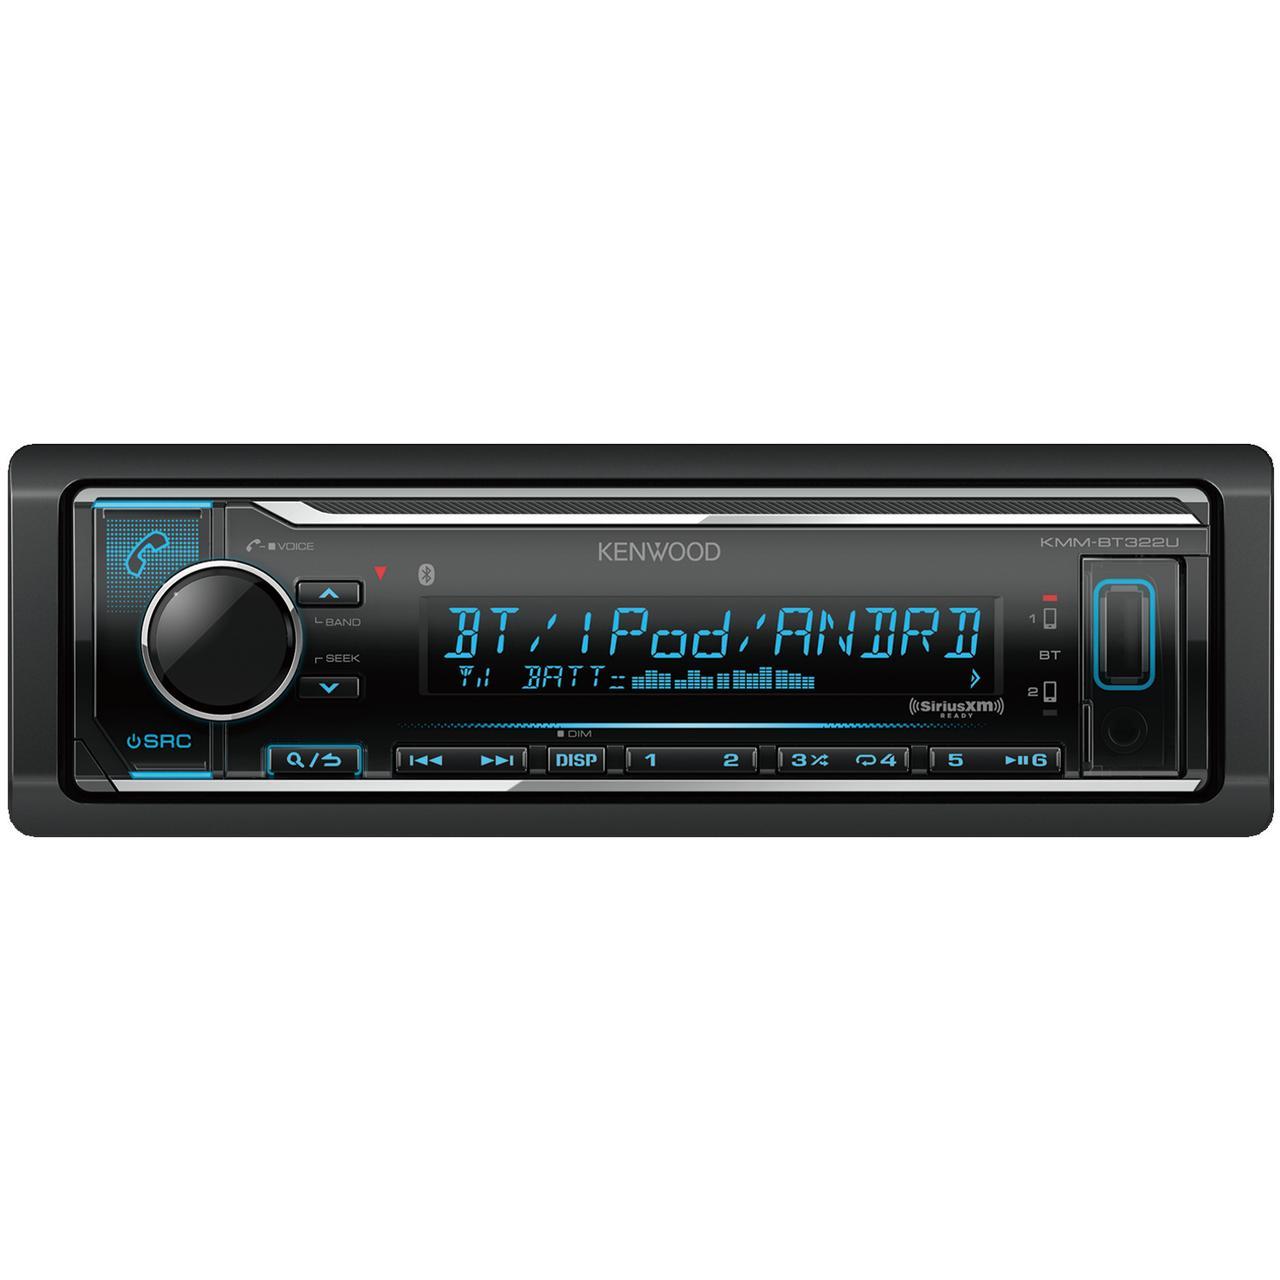 Kenwood KMM-BT322U Single-Din In-Dash Digital Media Receiver With Bluetooth & SiriusXM Ready